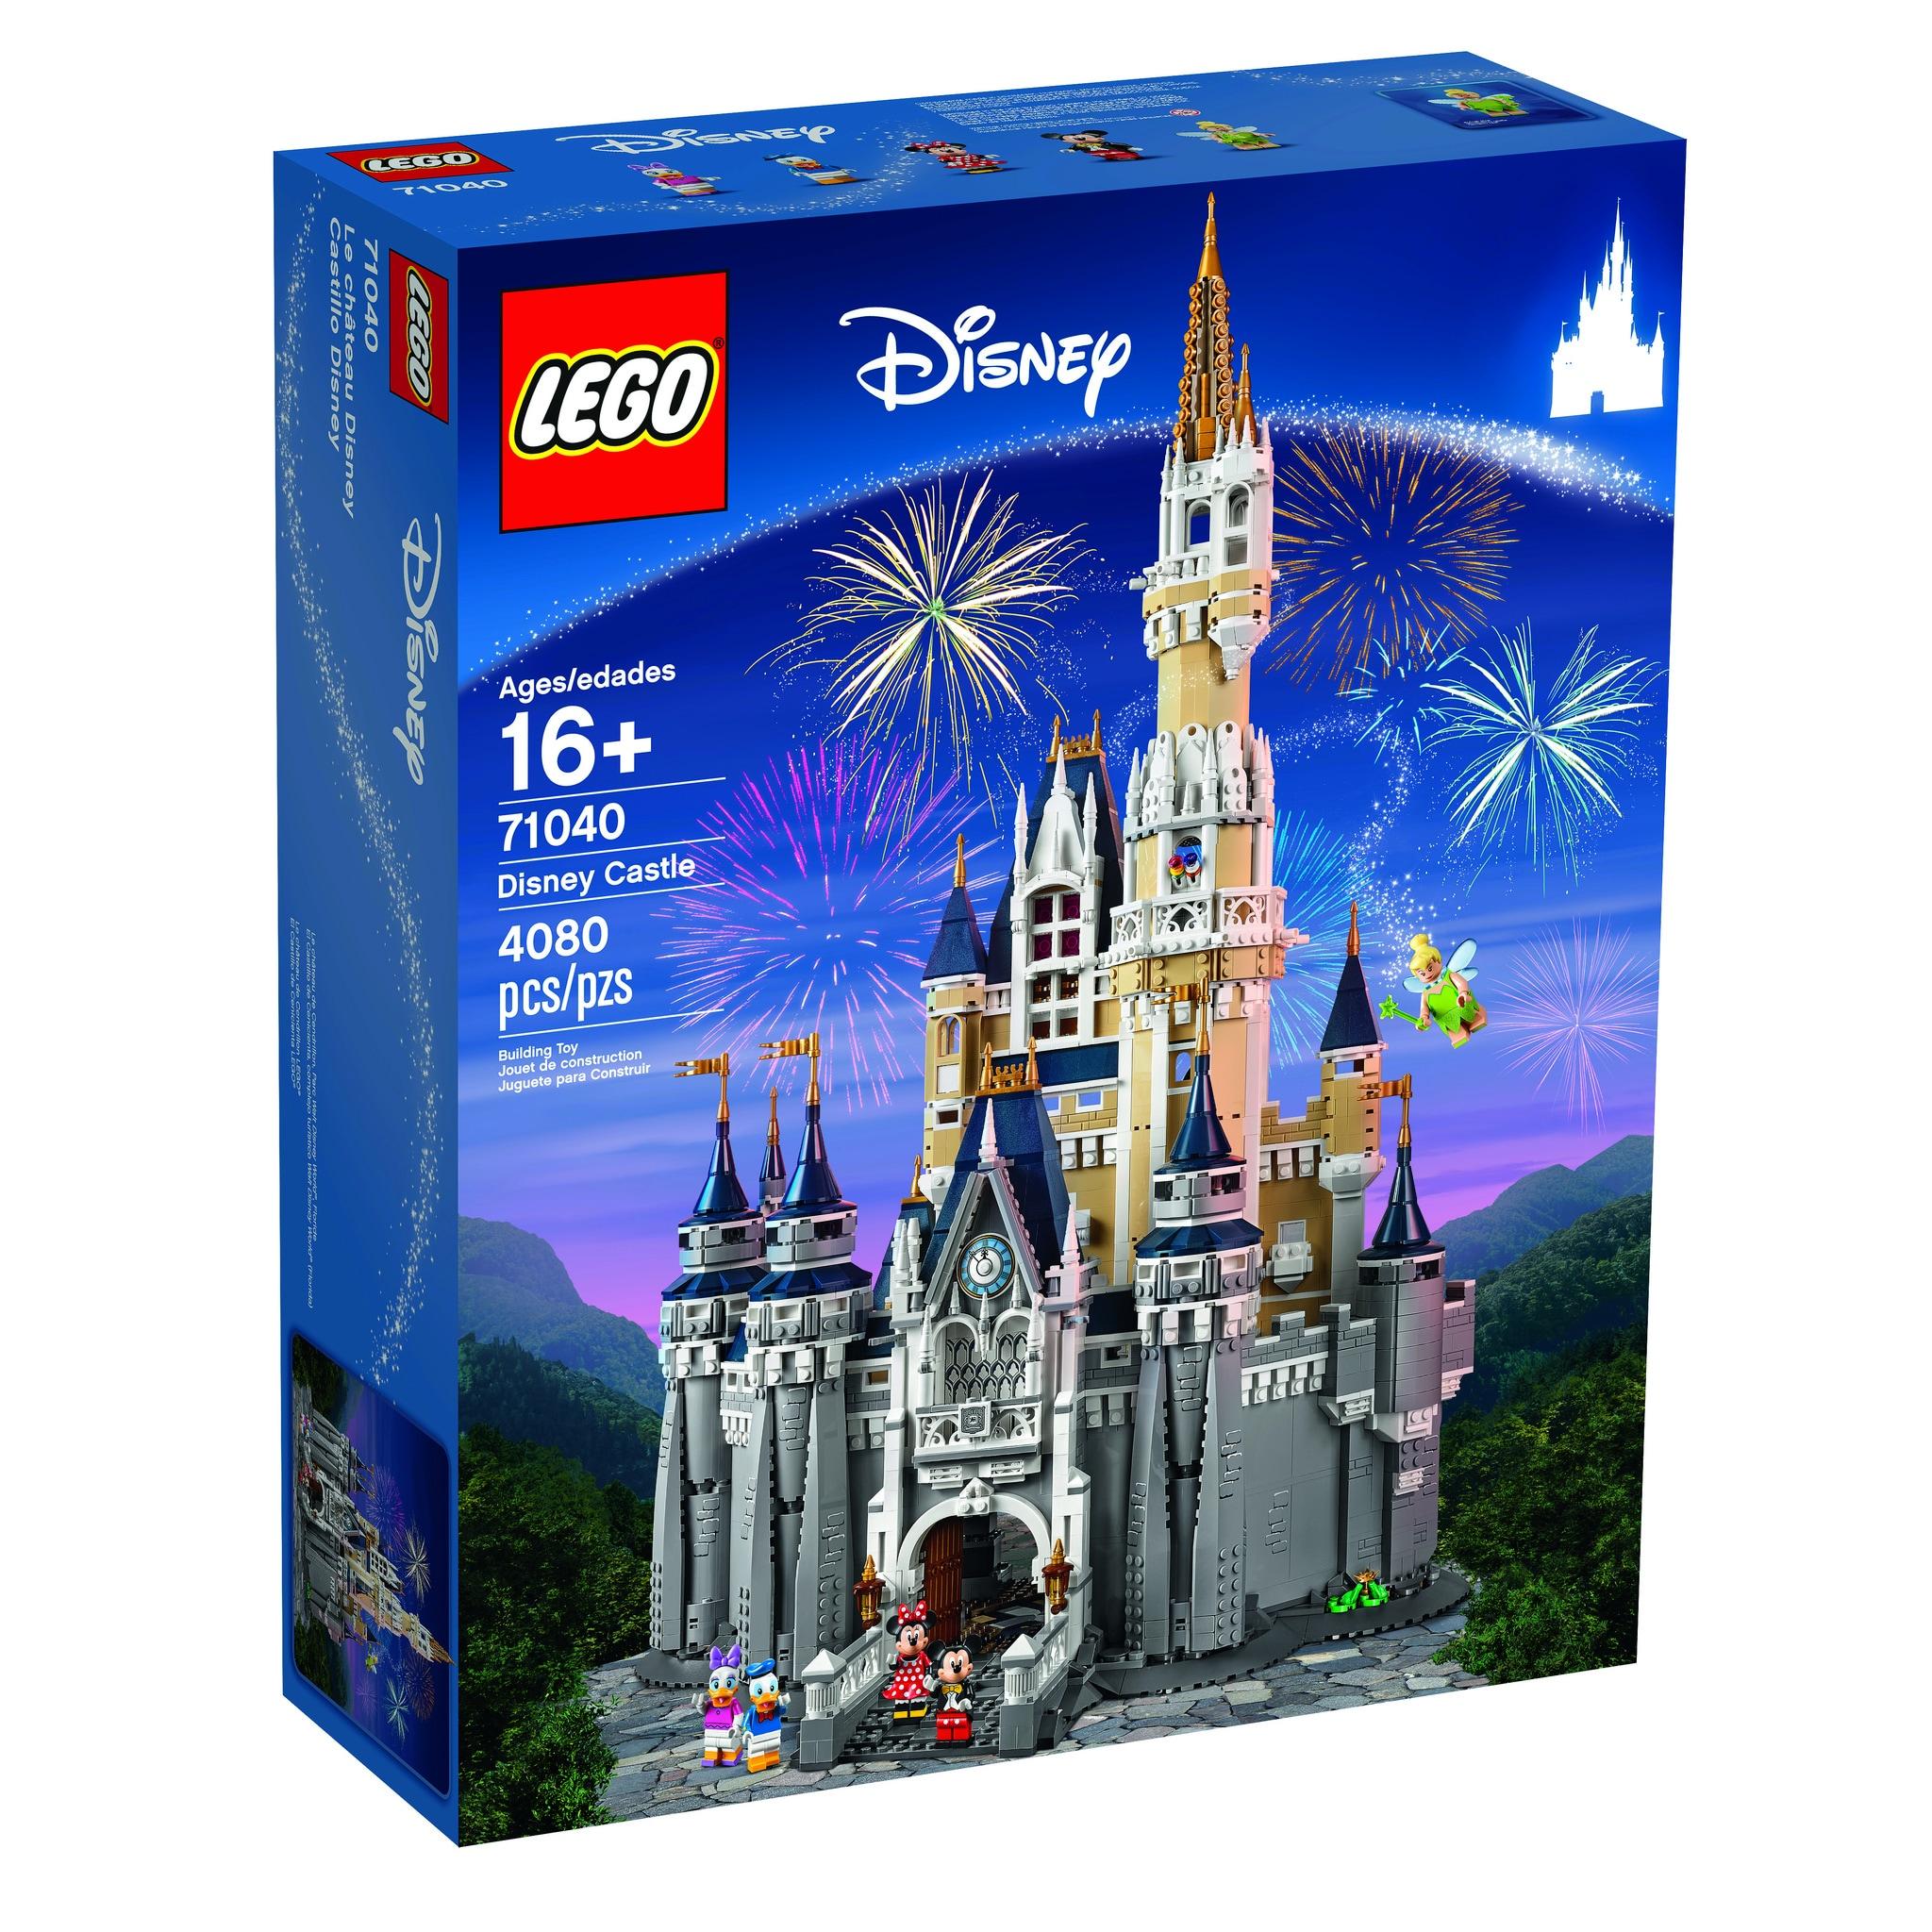 LEGO 71040 The Disney Castle Confezione –  1